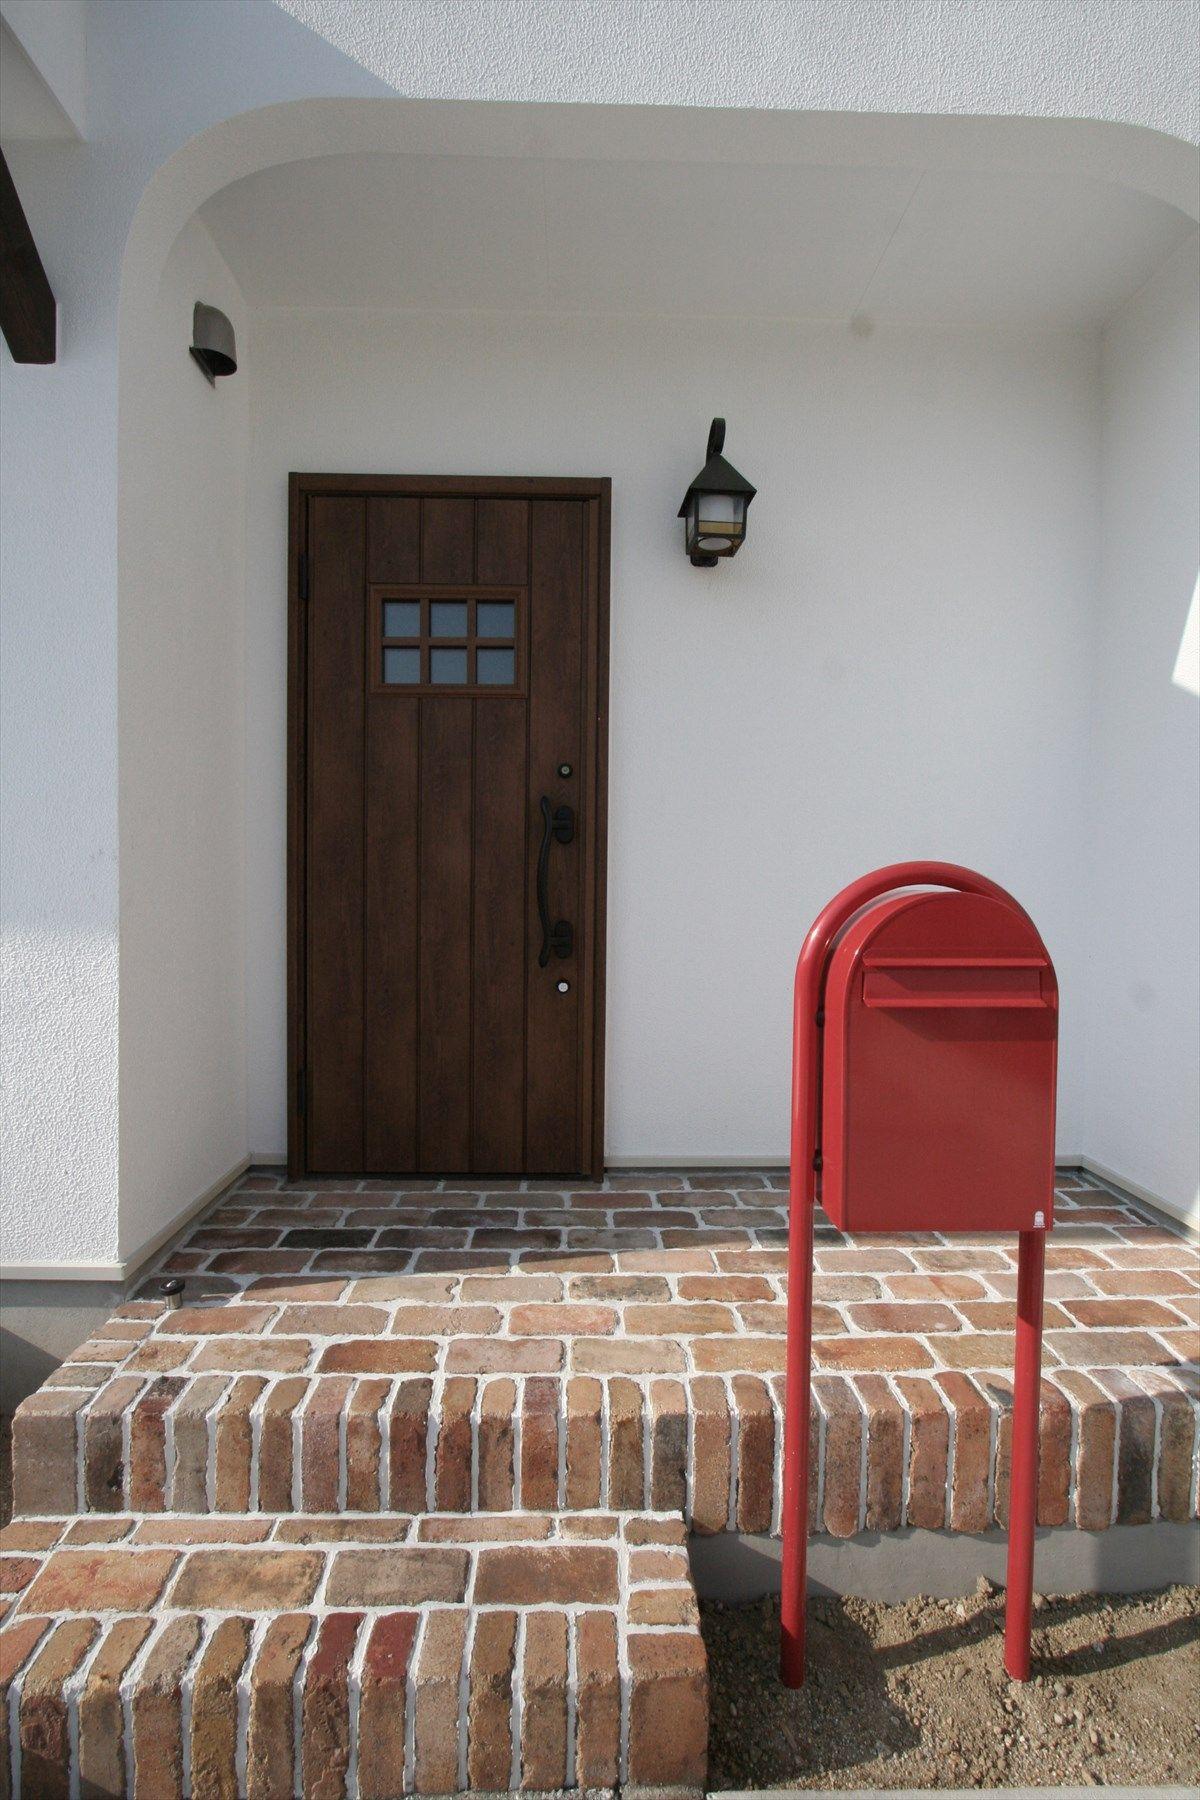 玄関ドア ドア 無垢ドア 木 扉 赤いポスト ナチュラルインテリア 注文住宅 施工例 ジャストの家 Door Interior House Homedecor Housedesign 家の外壁 玄関 玄関ドア リクシル